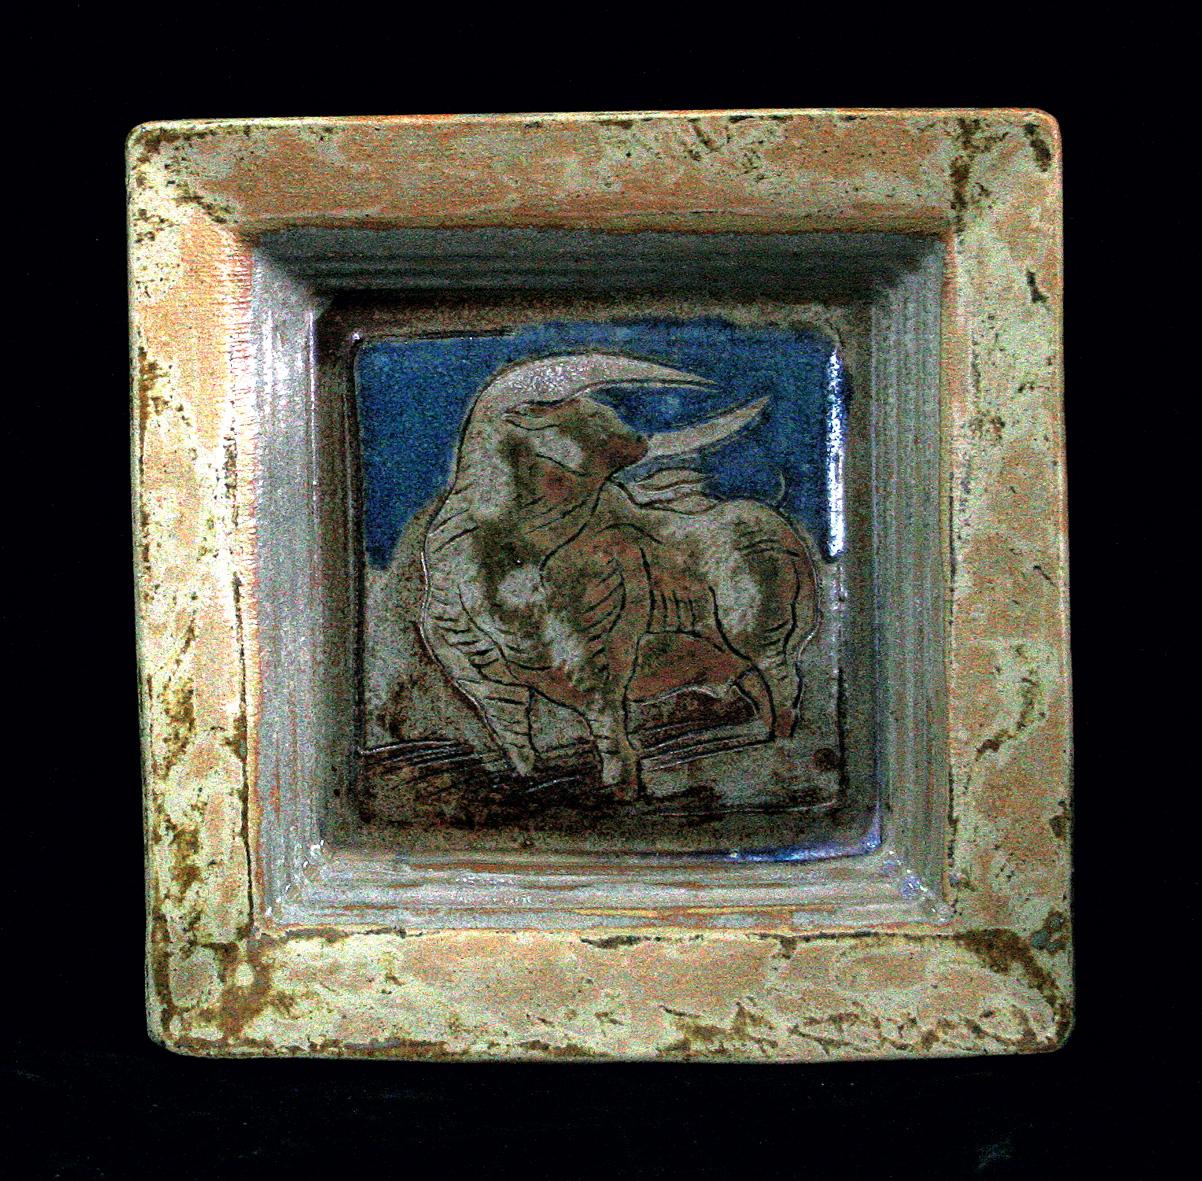 PLAT CARRÉ /  Pièce en grés gravé émaillé -  25x25 cm